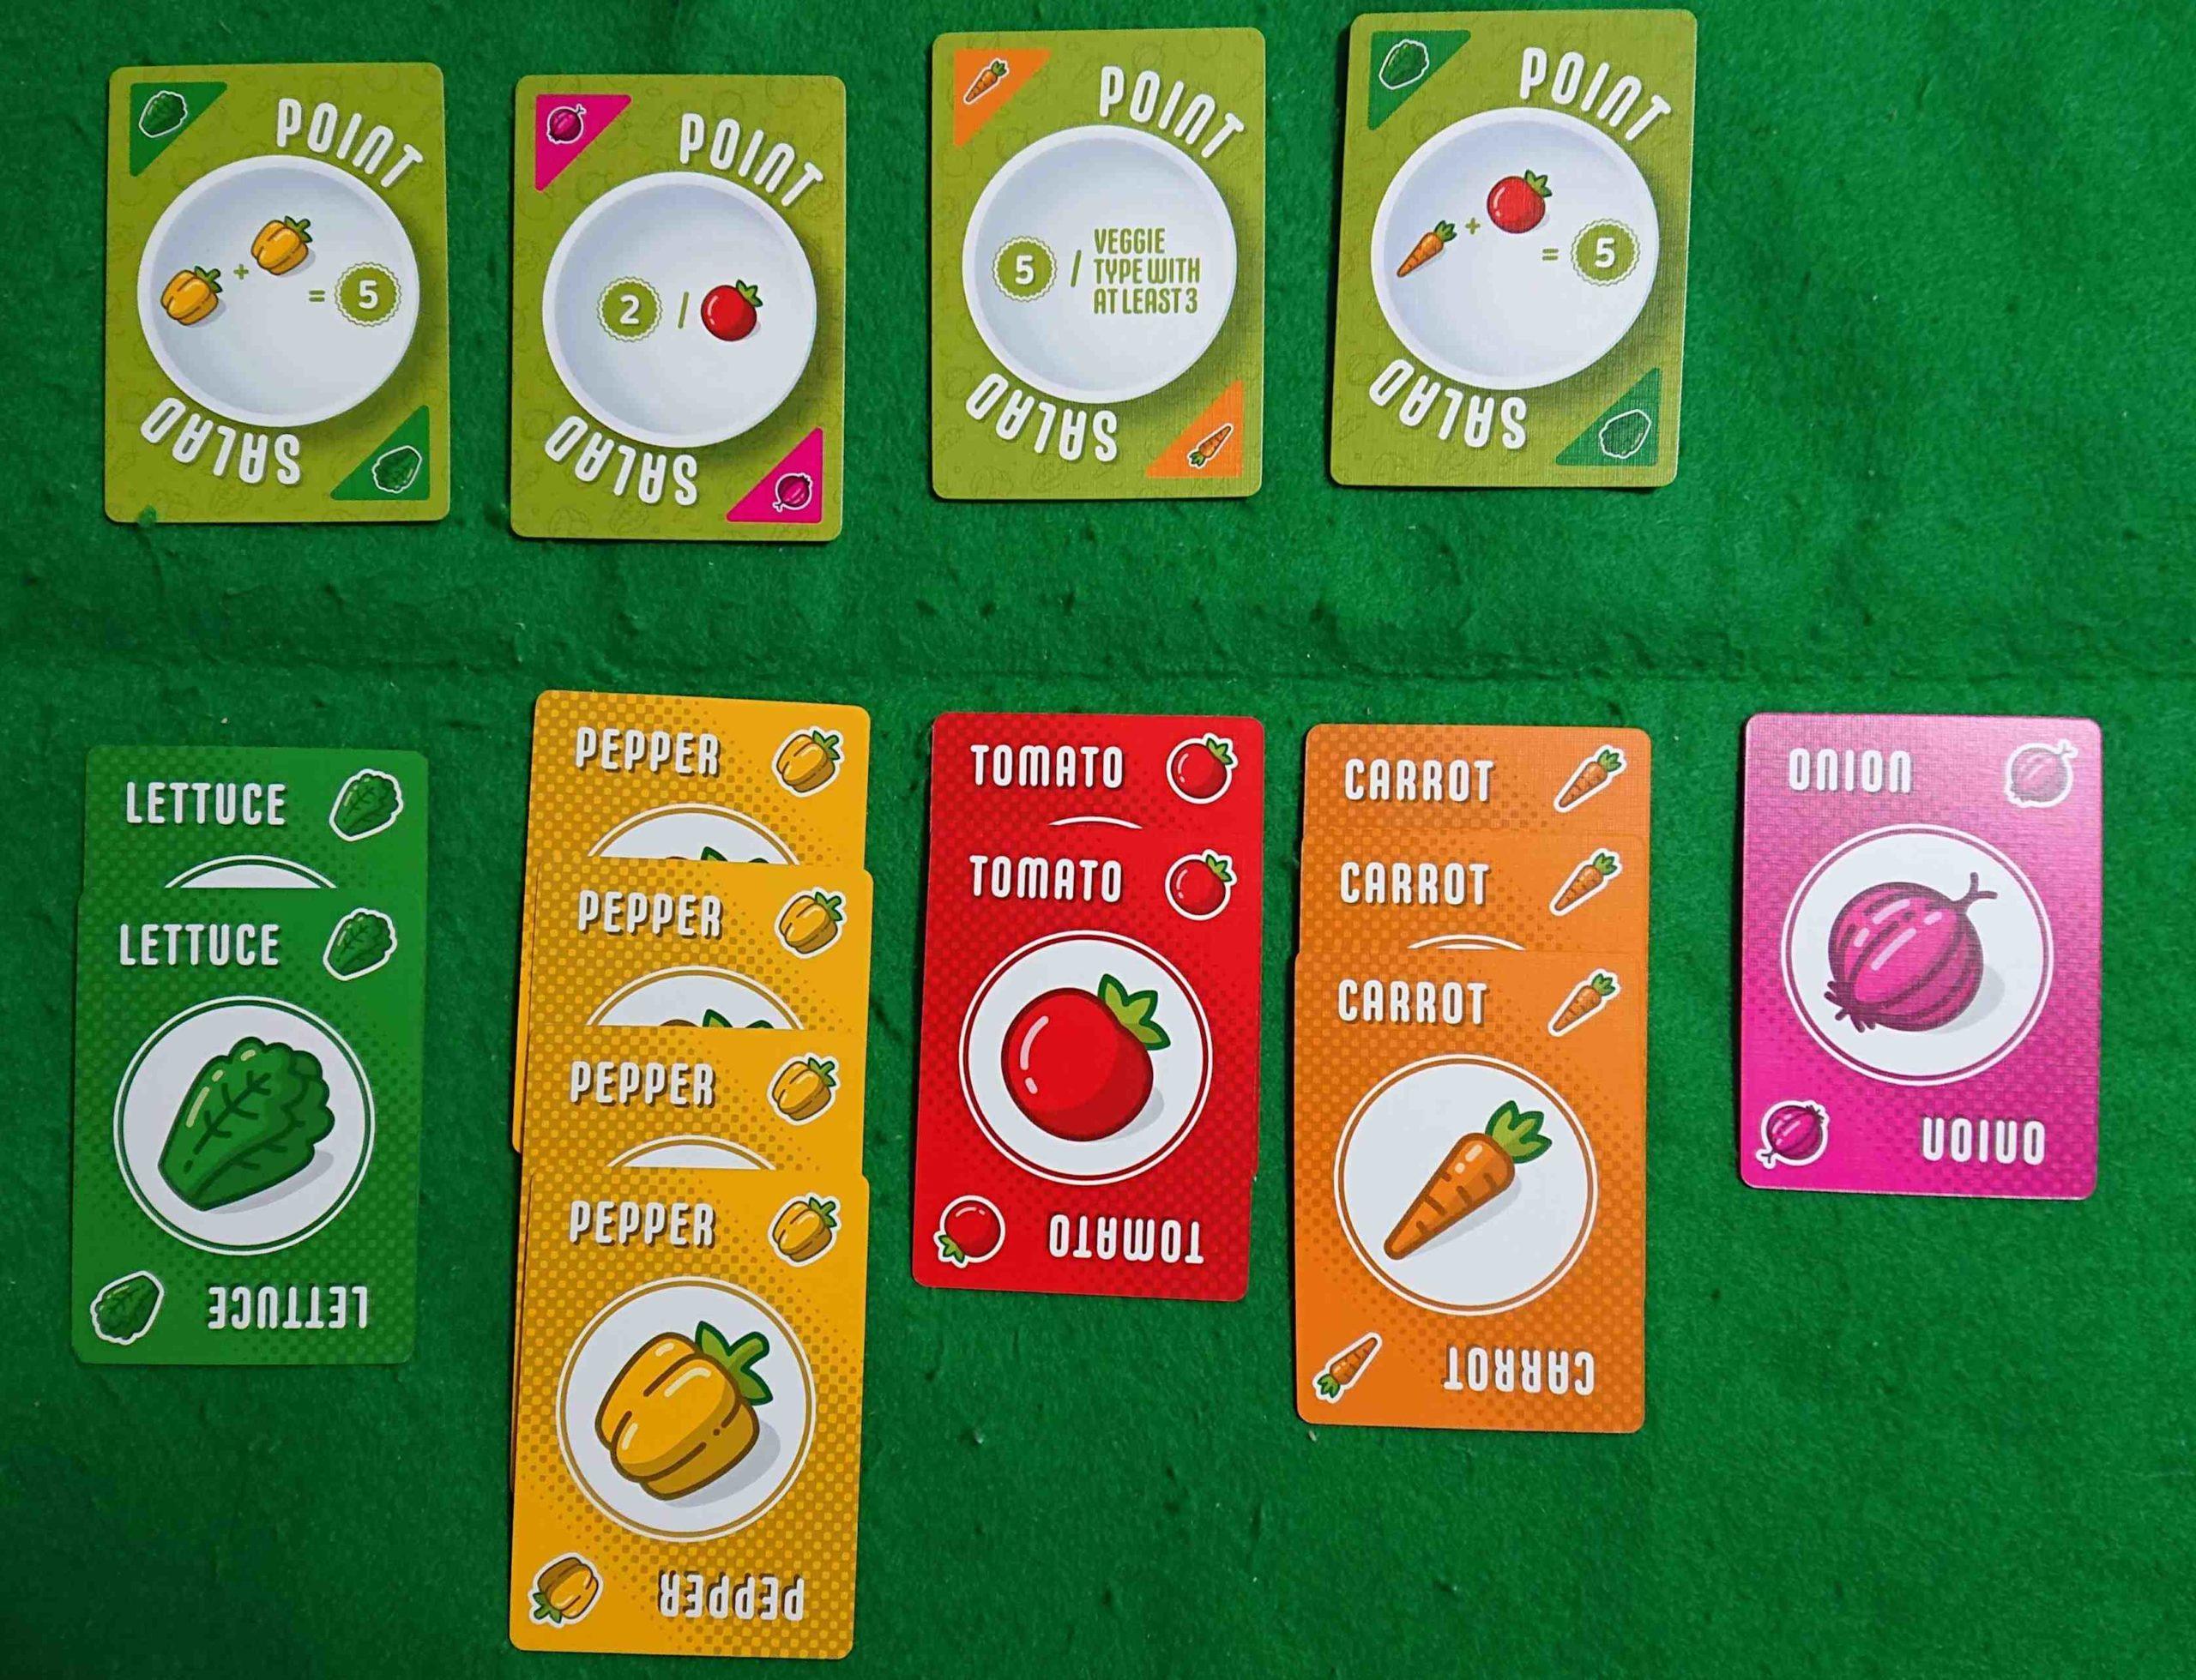 POINTSALAD(ポイントサラダ)ルール&レビュー みんなで美味しいサラダを食べましょう! セットコレクション系ボードゲーム